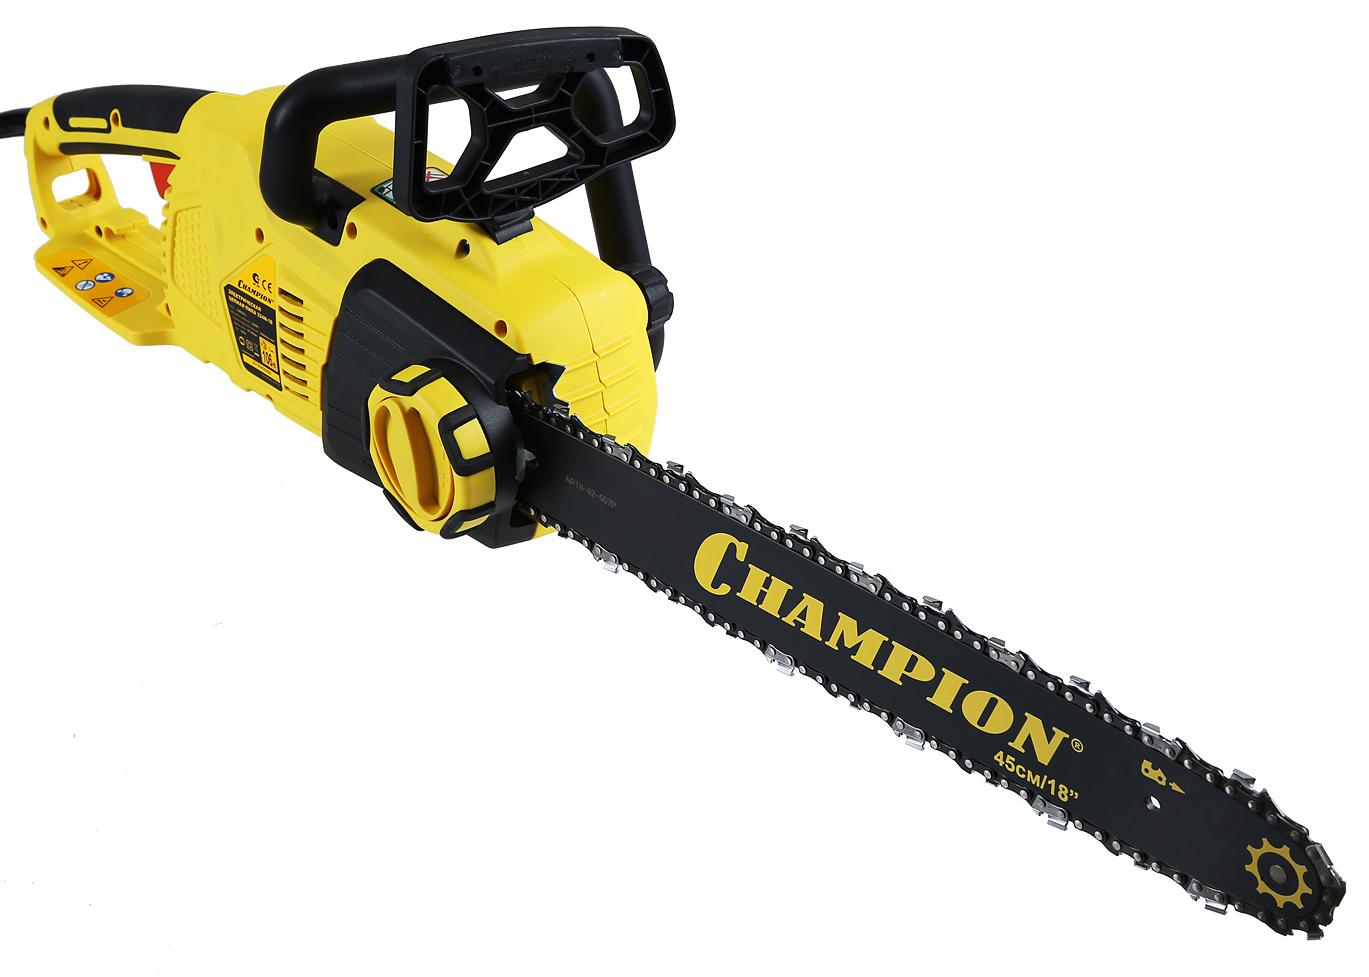 Пила цепная Champion 324n сумка для инструмента champion c1371 c215 для шины 18